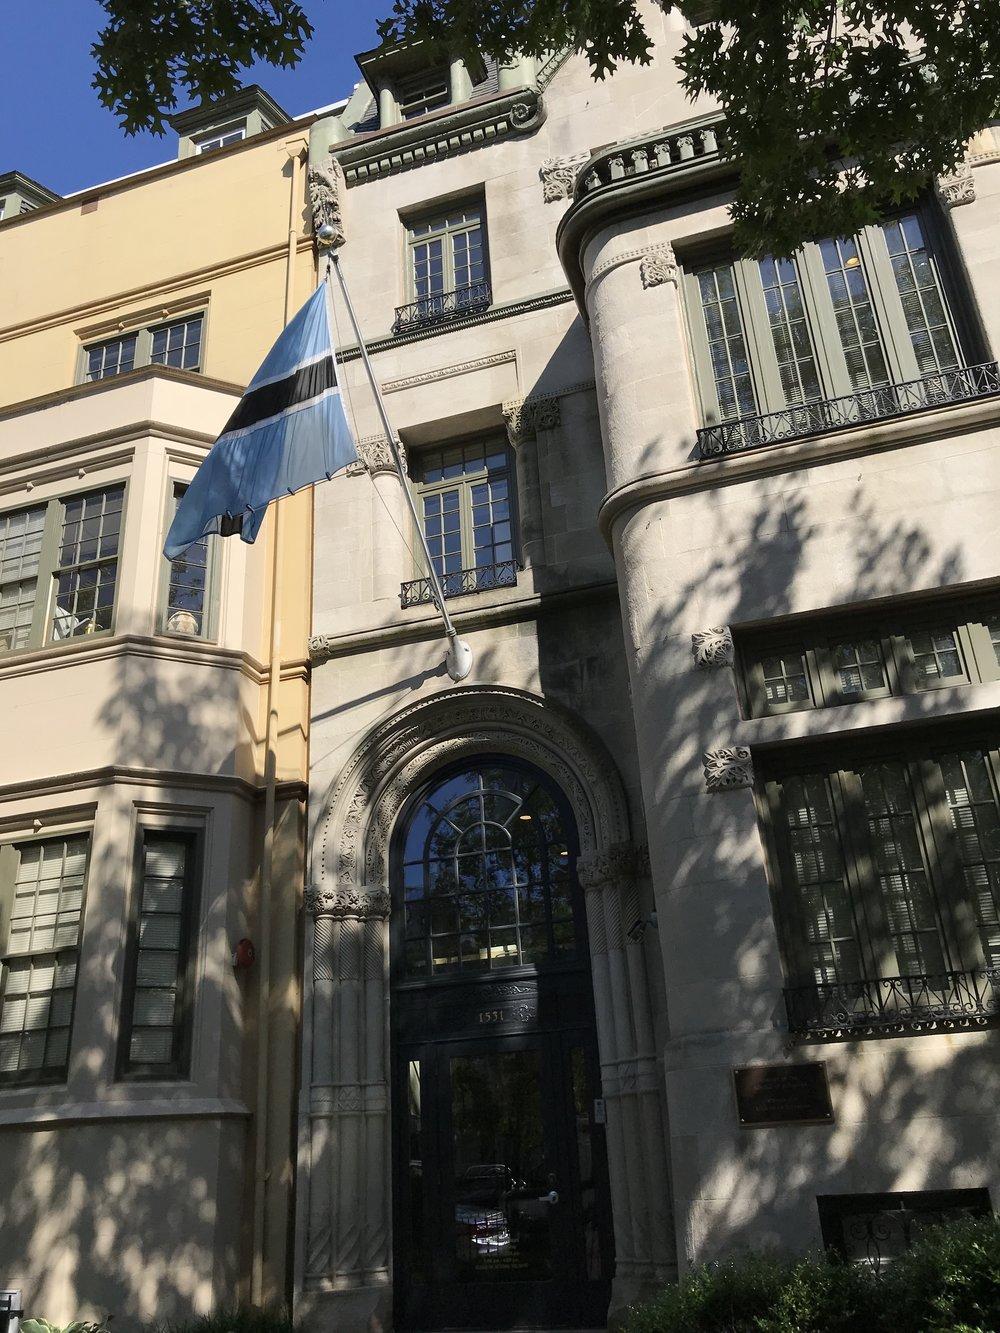 The Embassy of Botswana.